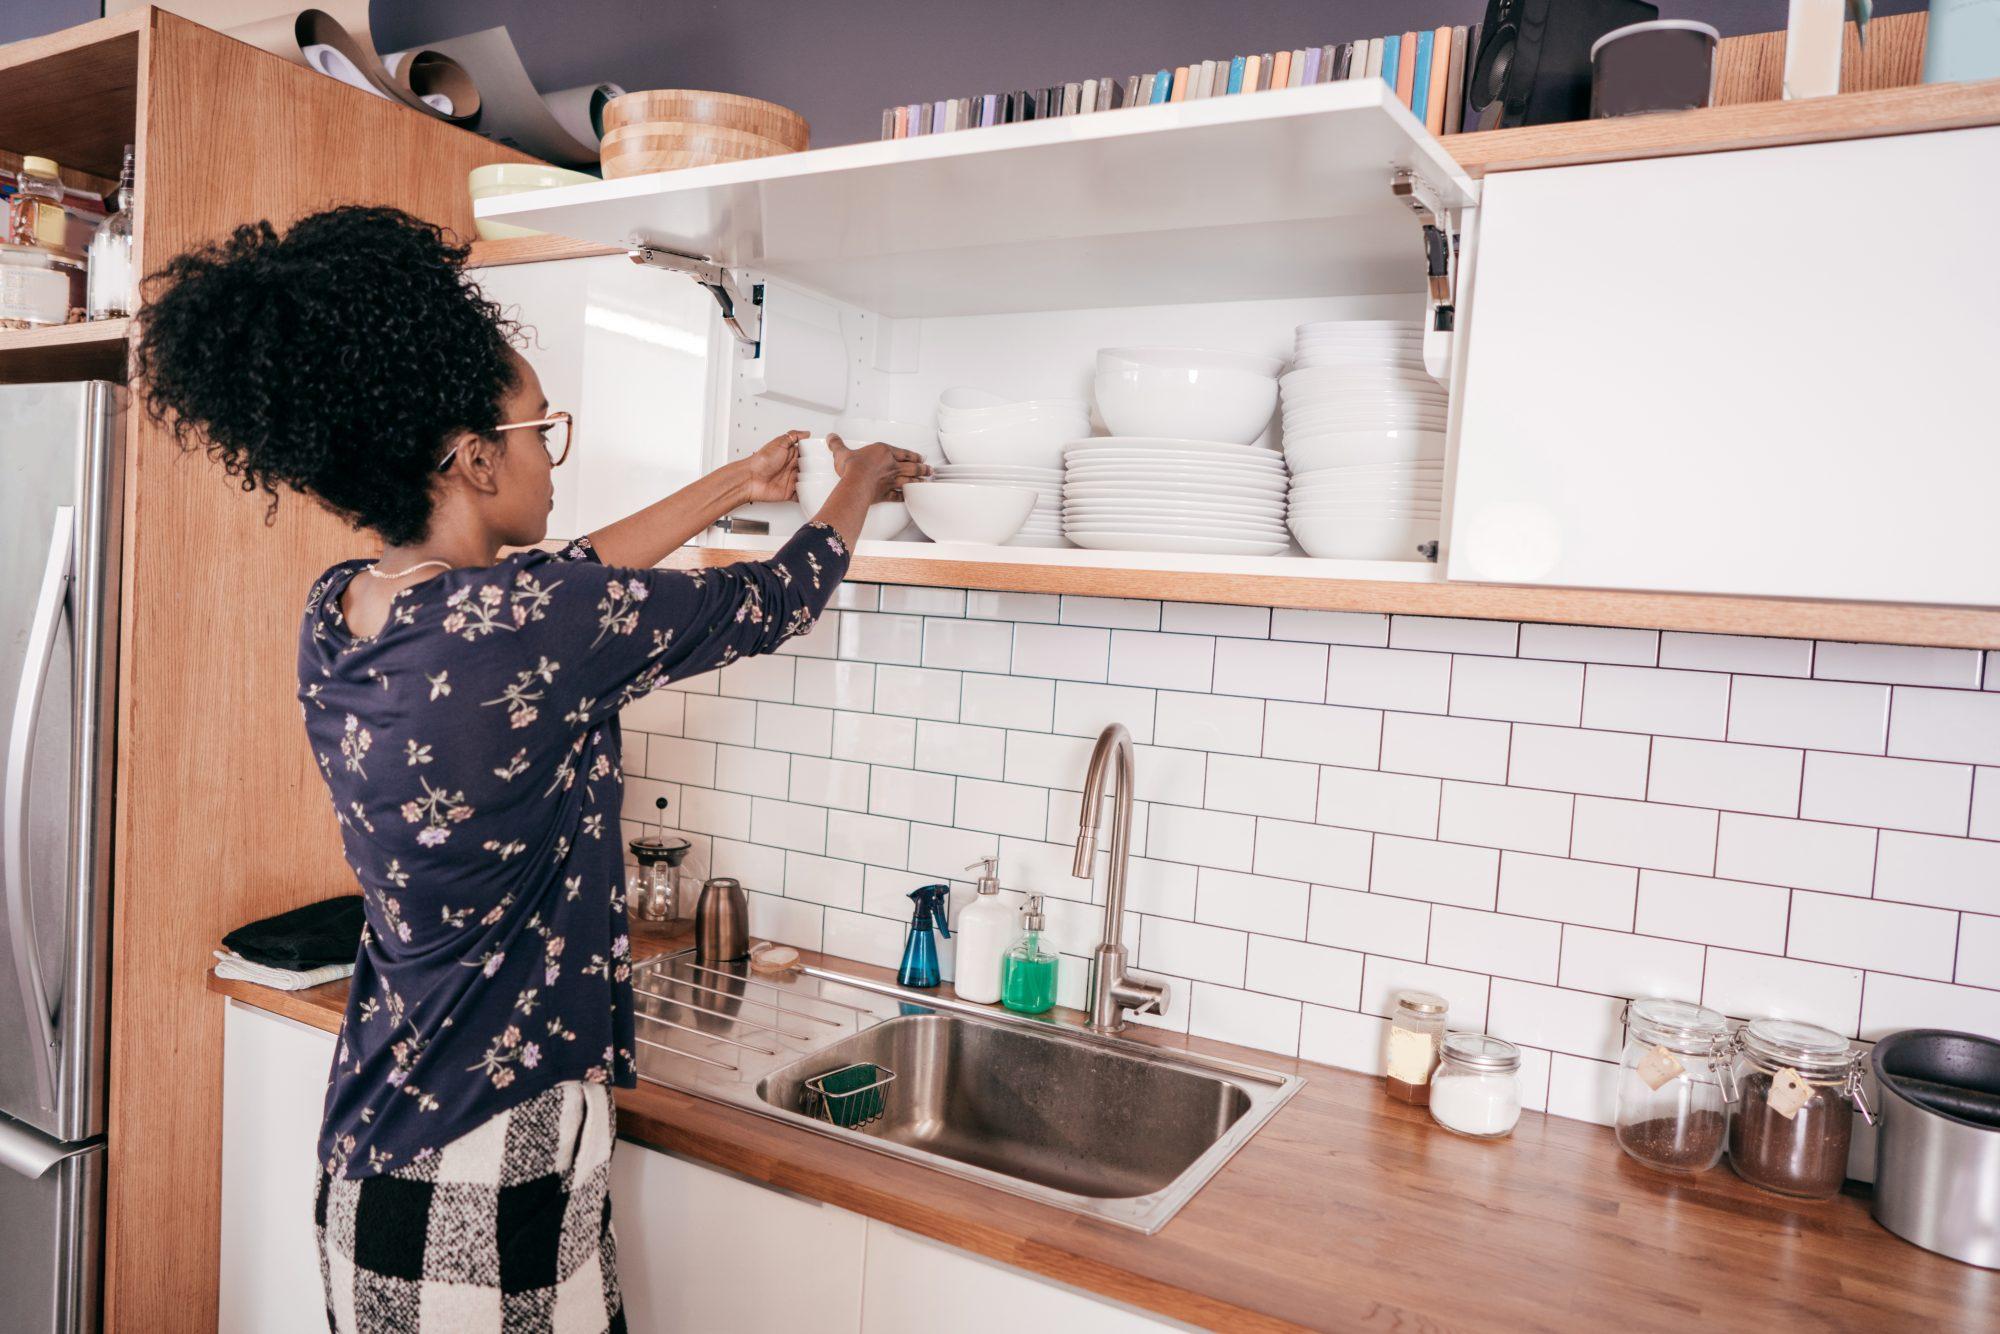 getty-kitchen-organization-image